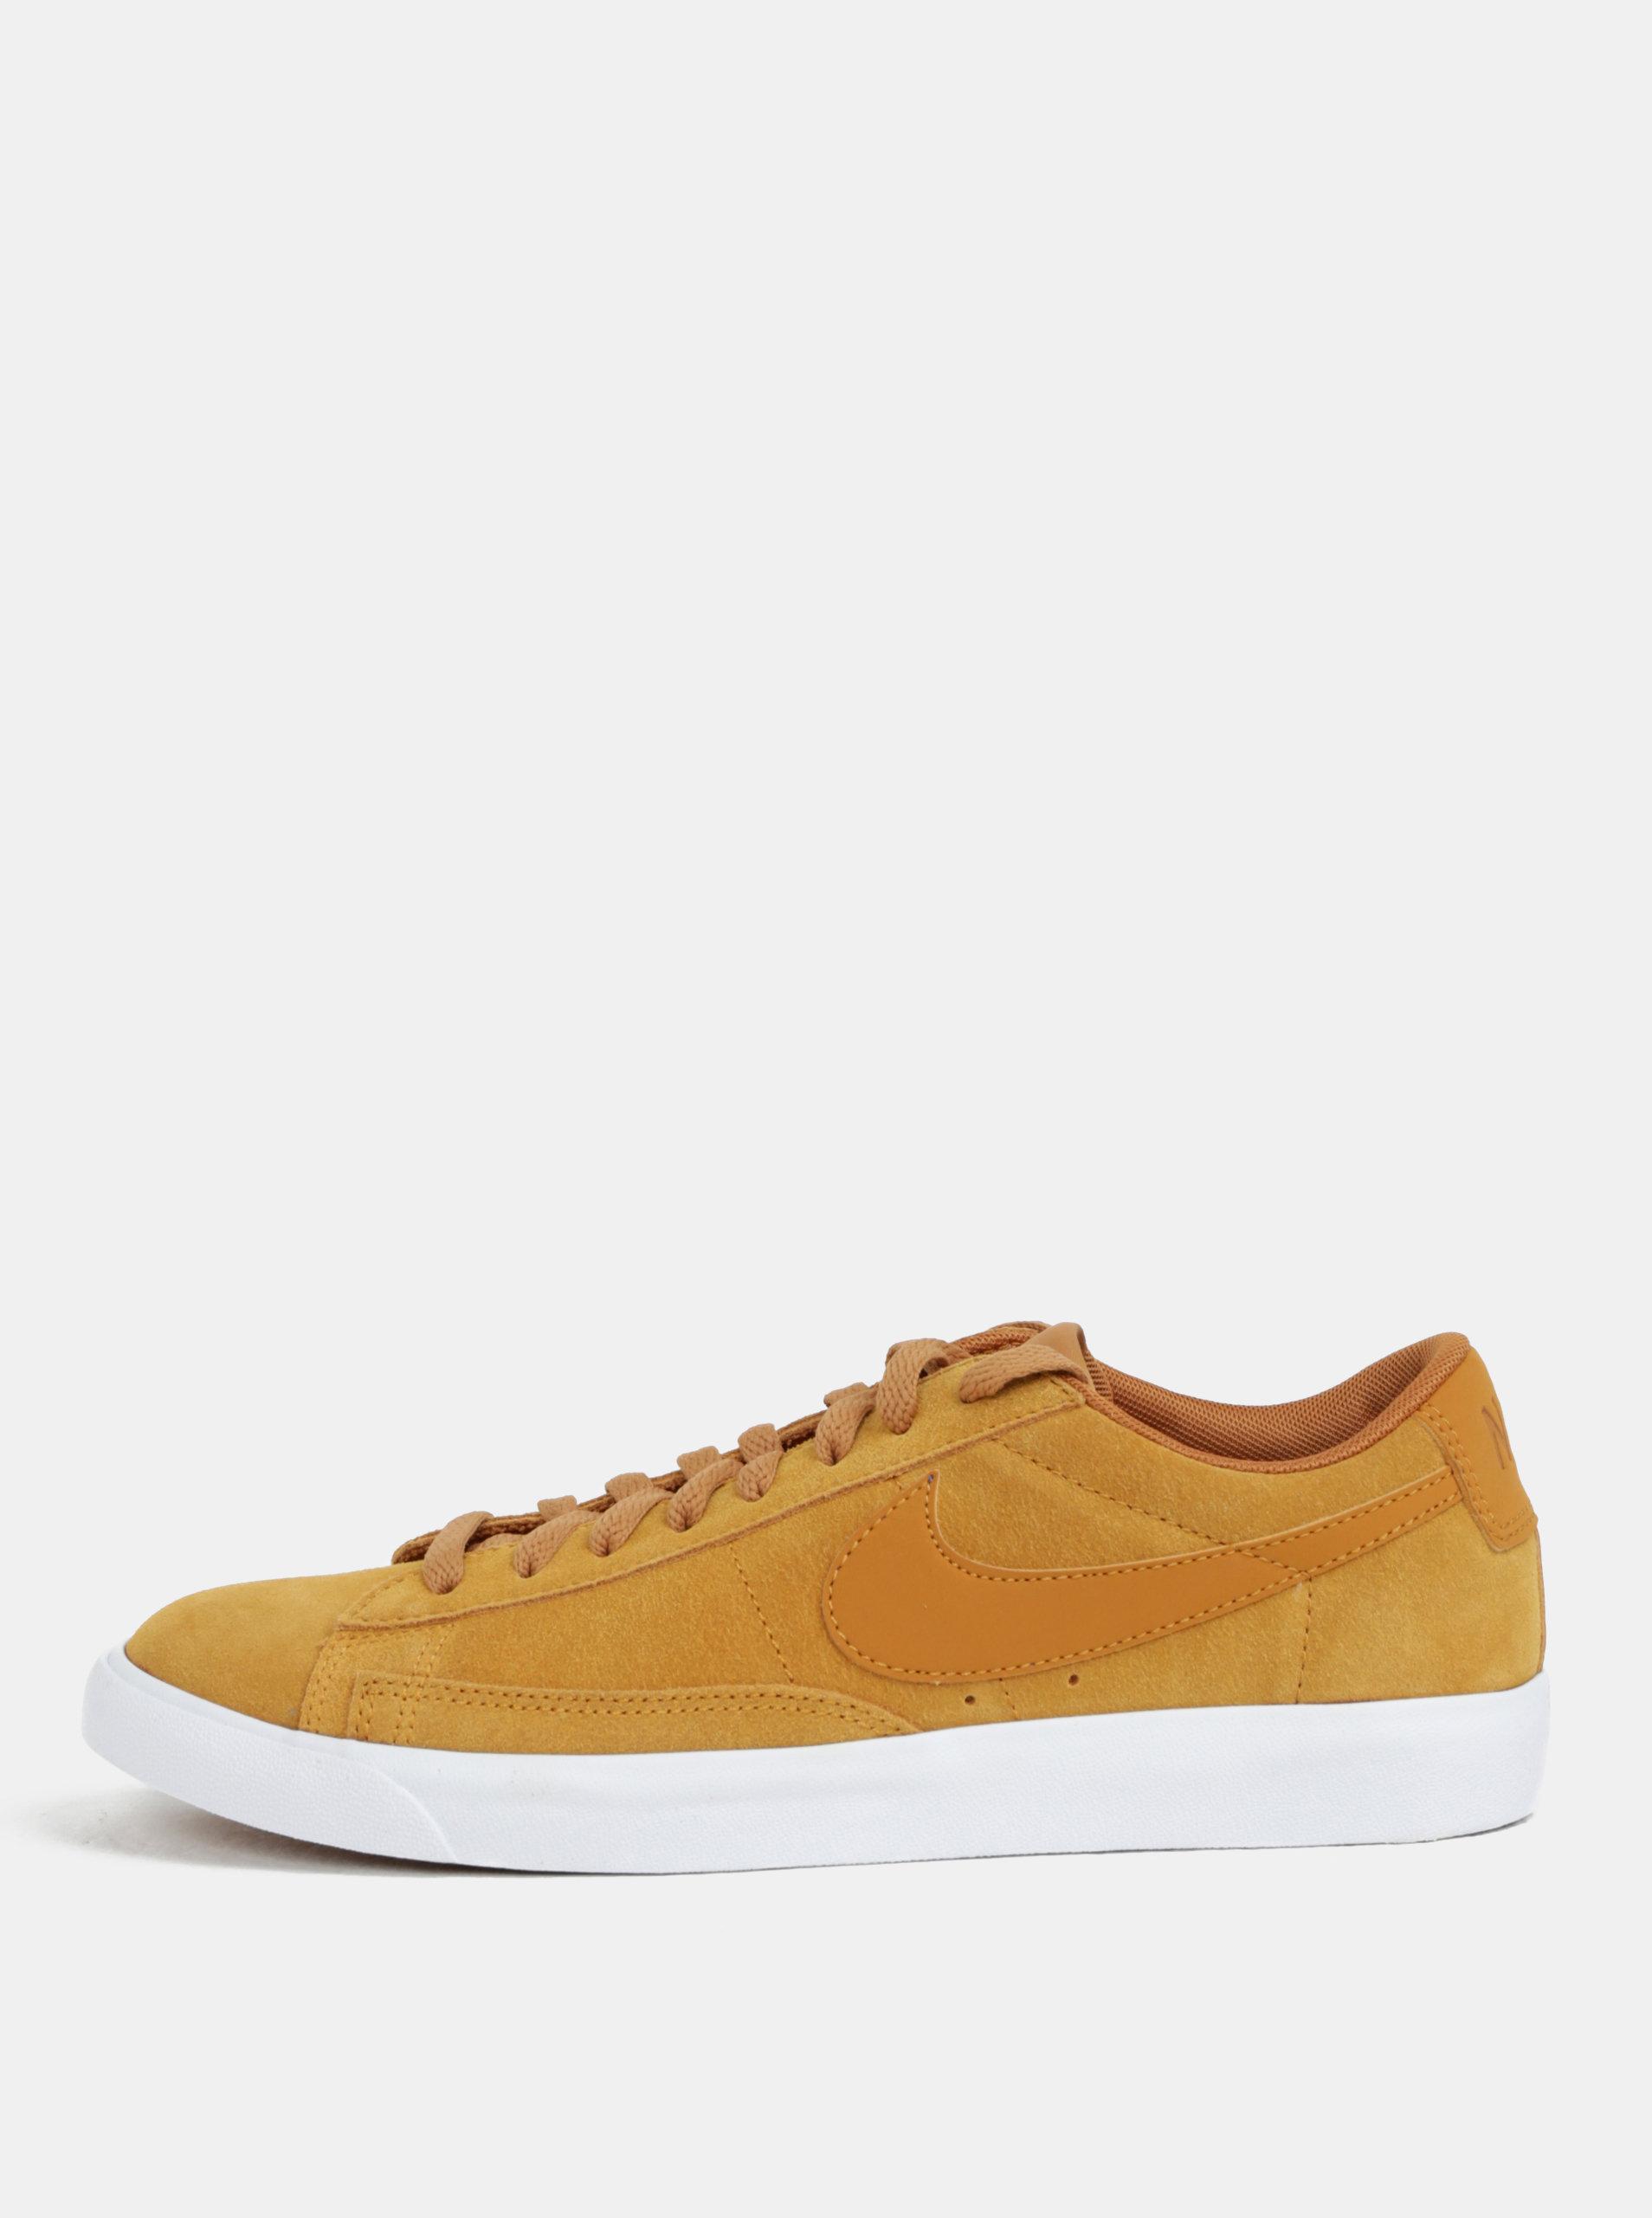 d7908bac662 Hořčicové pánské semišové tenisky Nike Blazer Low Suede ...